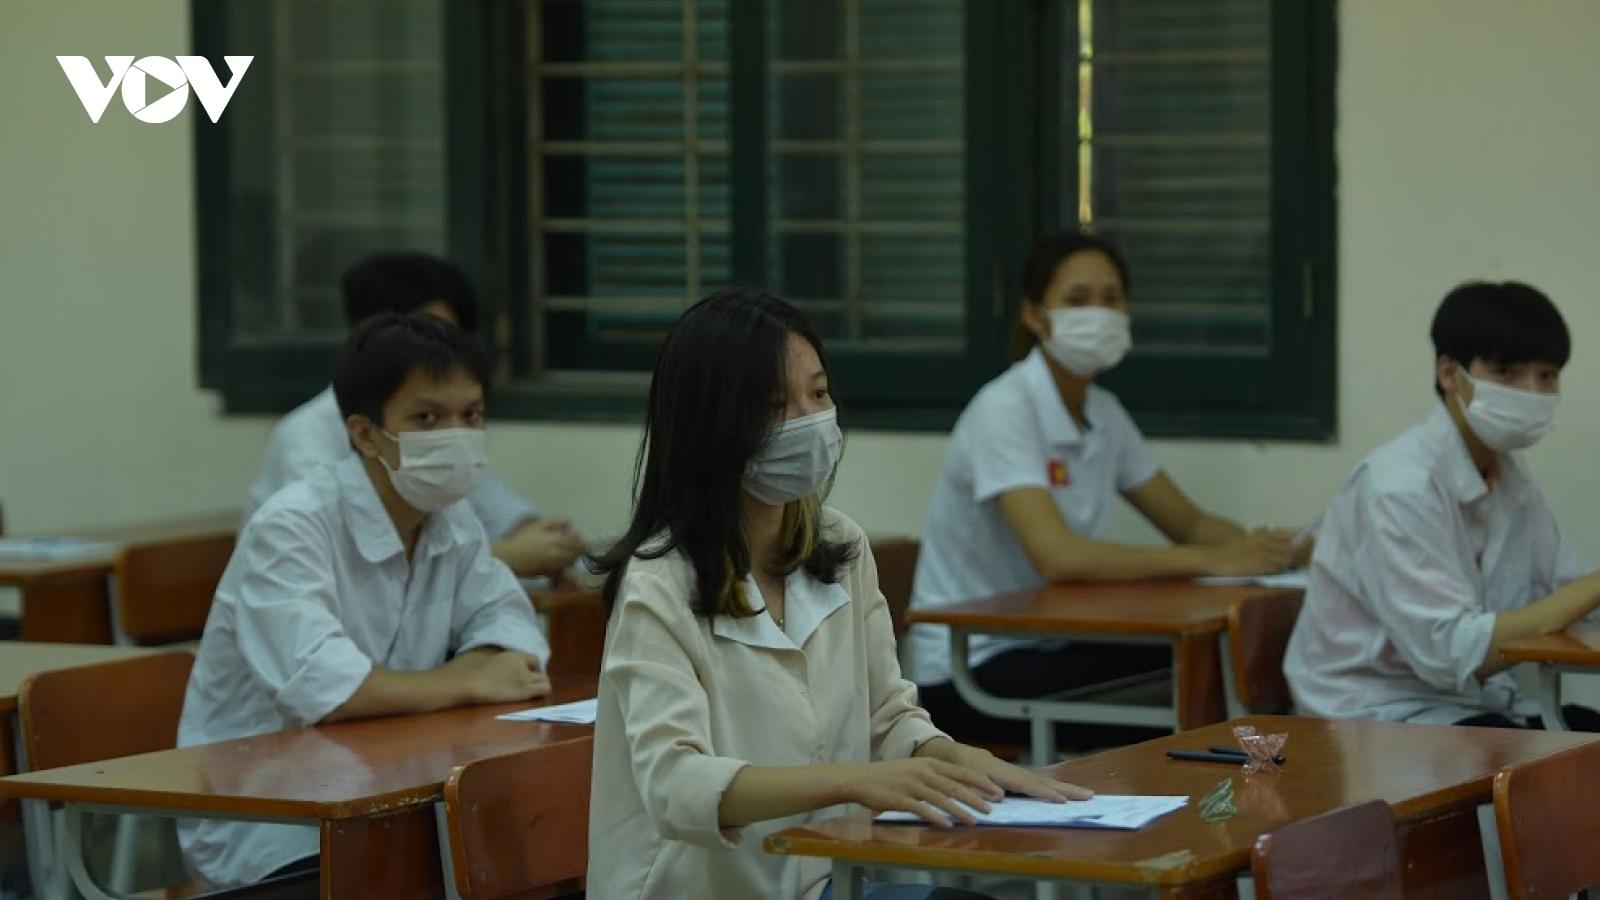 Dự báo điểm chuẩn năm 2021, một số ngành của ĐH Quốc gia Hà Nội sẽ tăng nhẹ